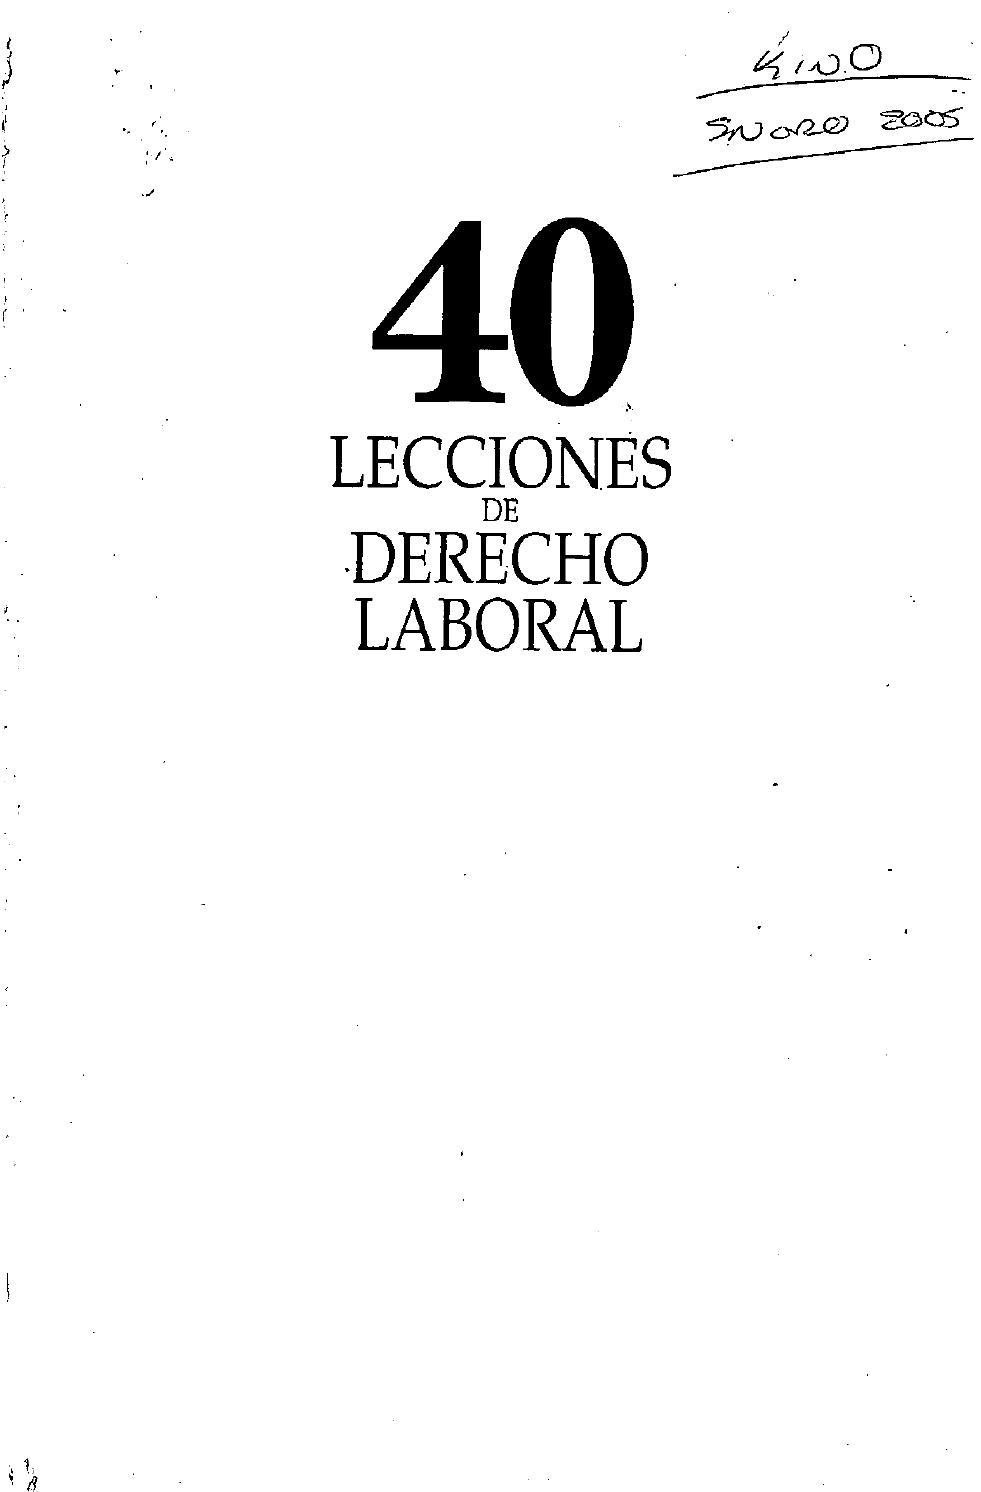 40 lecciones de derecho laboral by Adeprin - issuu